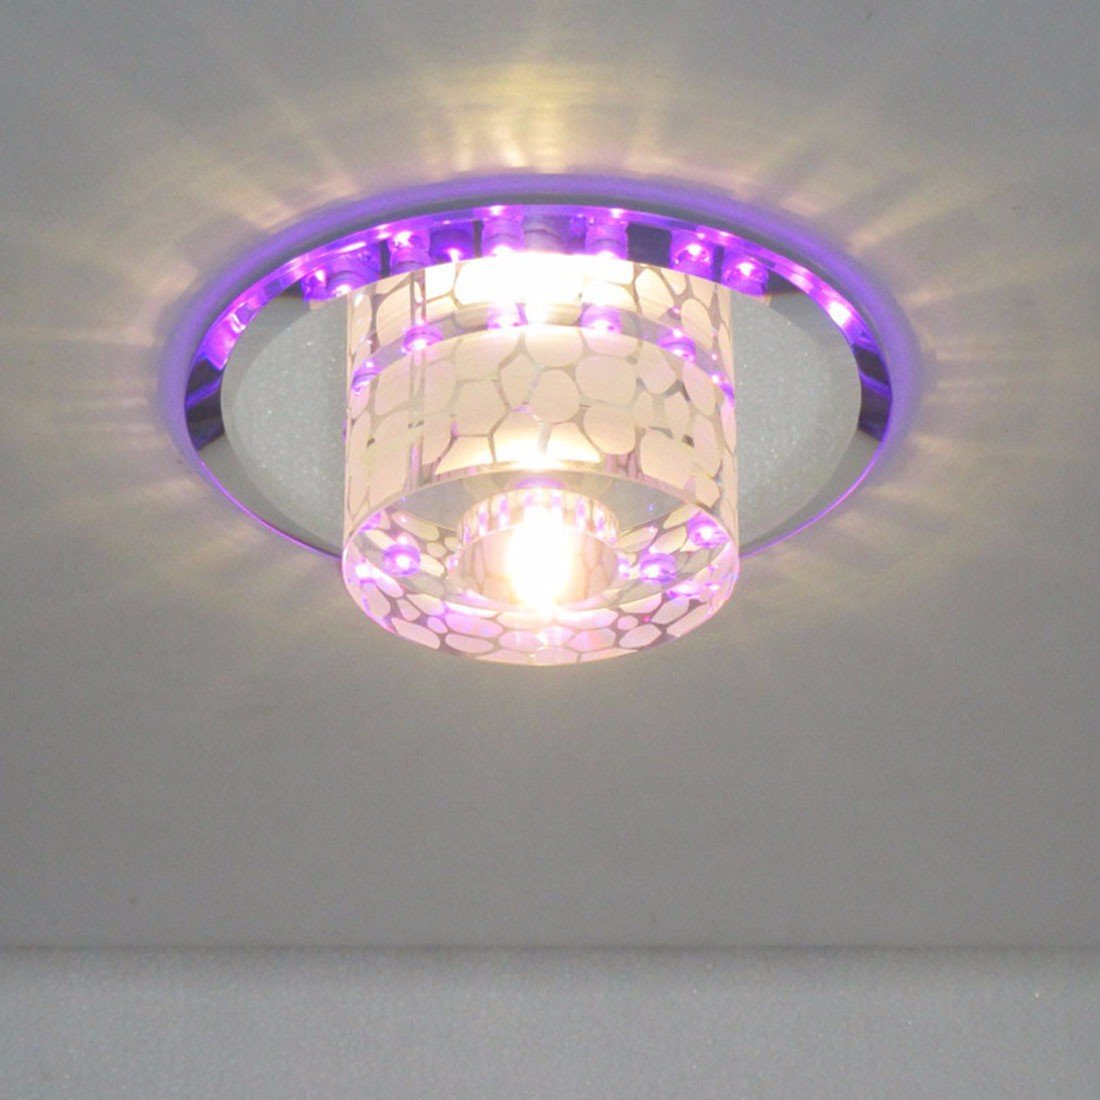 5 W, runde LED-crystal Korridor, Eingang, Wohnzimmer, Balkon, Deckenleuchte (18 cm)